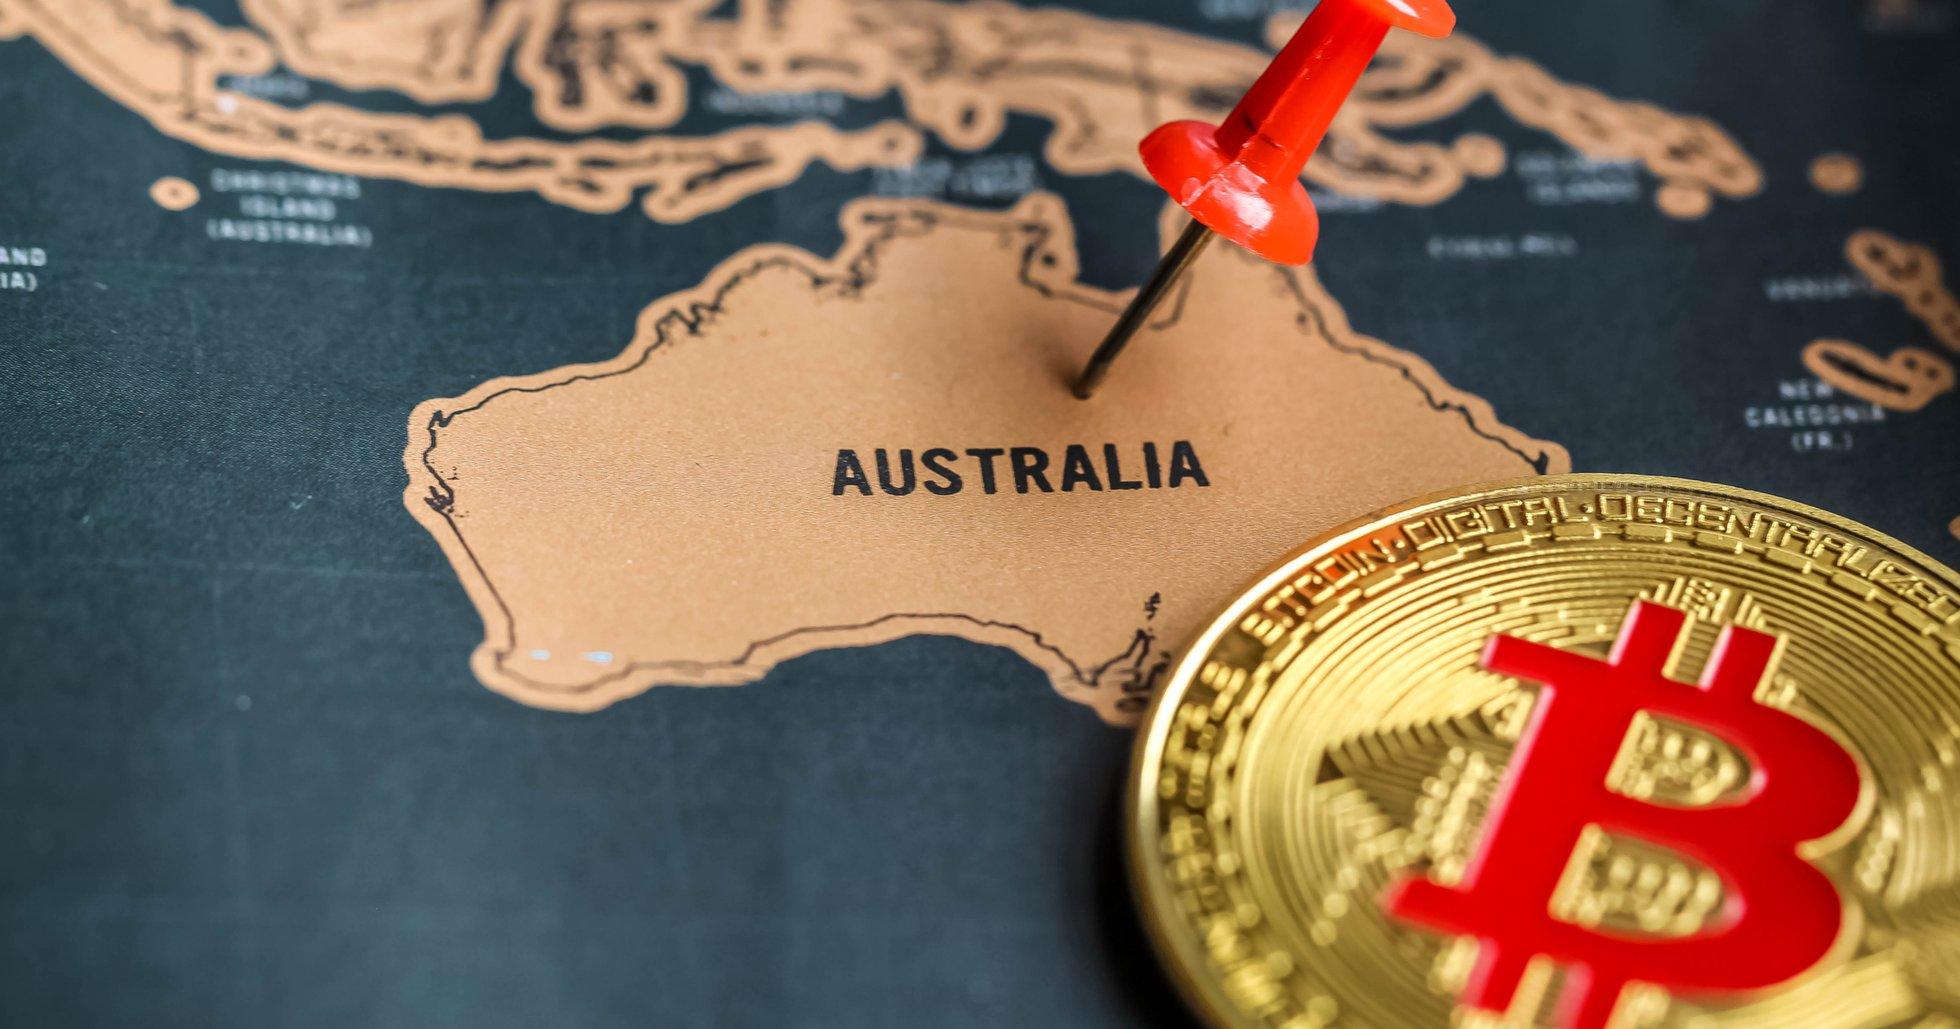 Australien genomför för första gången en börsintroduktion där kryptovaluta används.